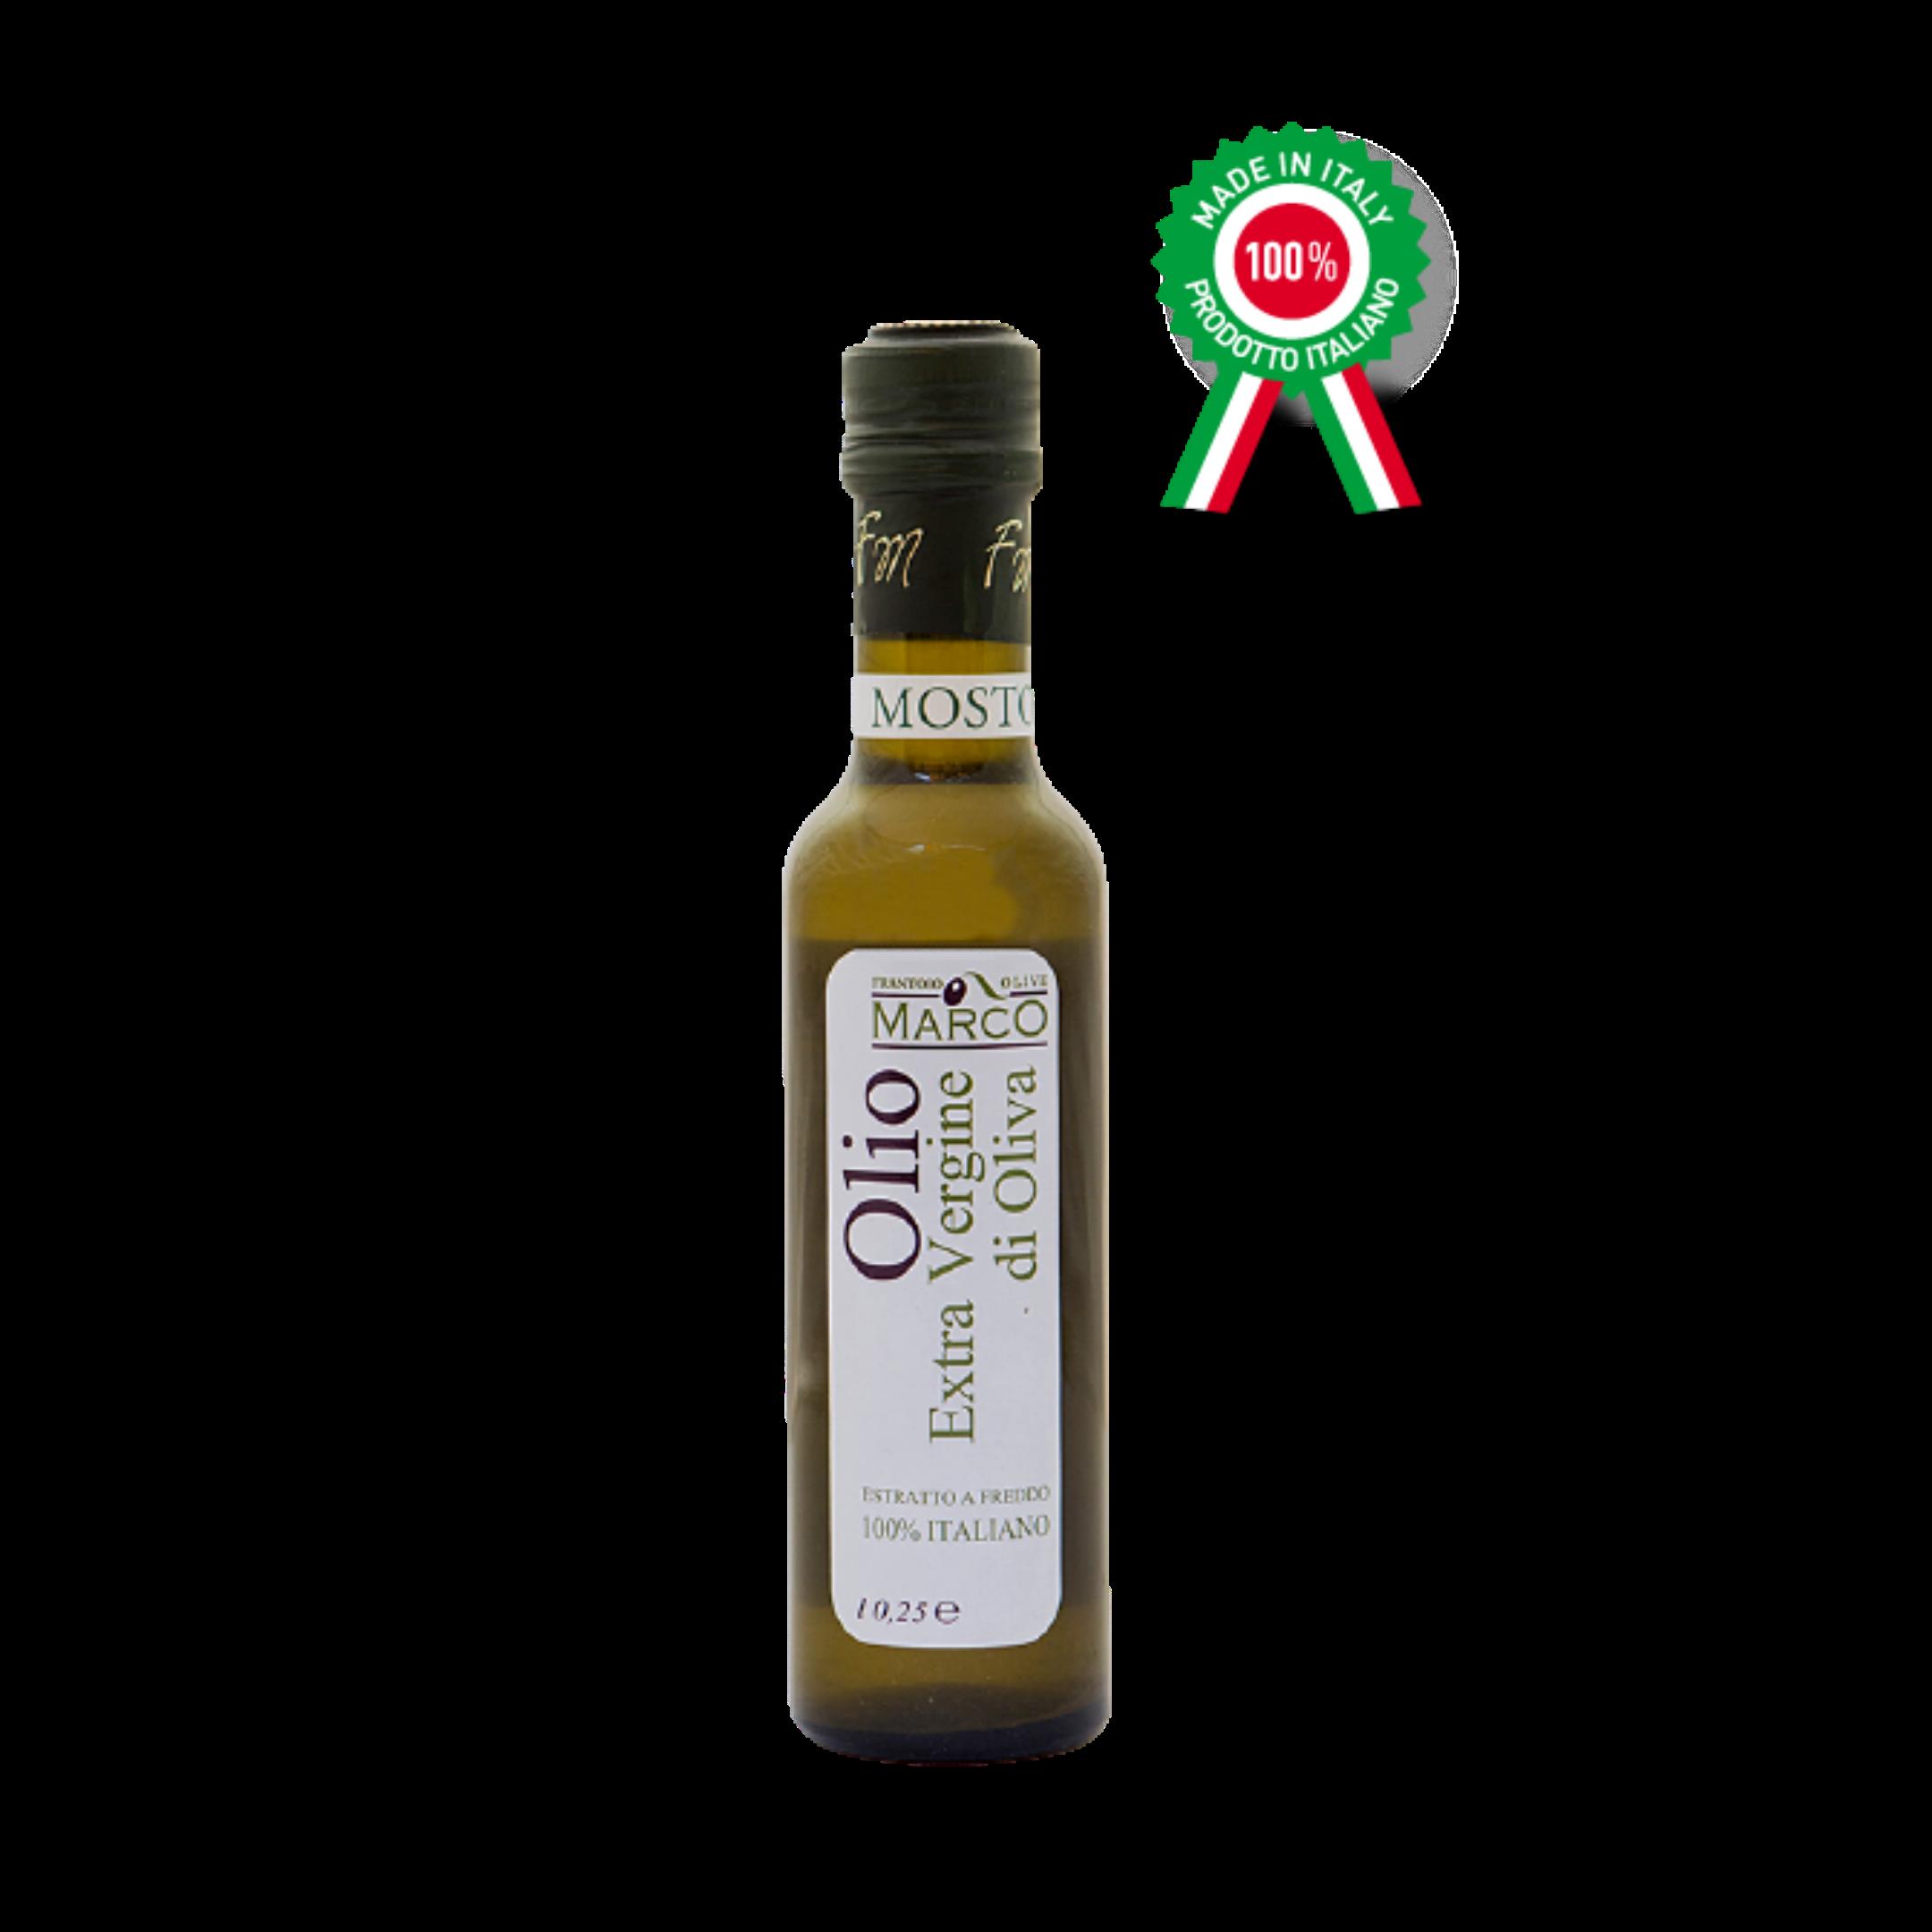 Olio Extra vergine di oliva mosto 0,25 l